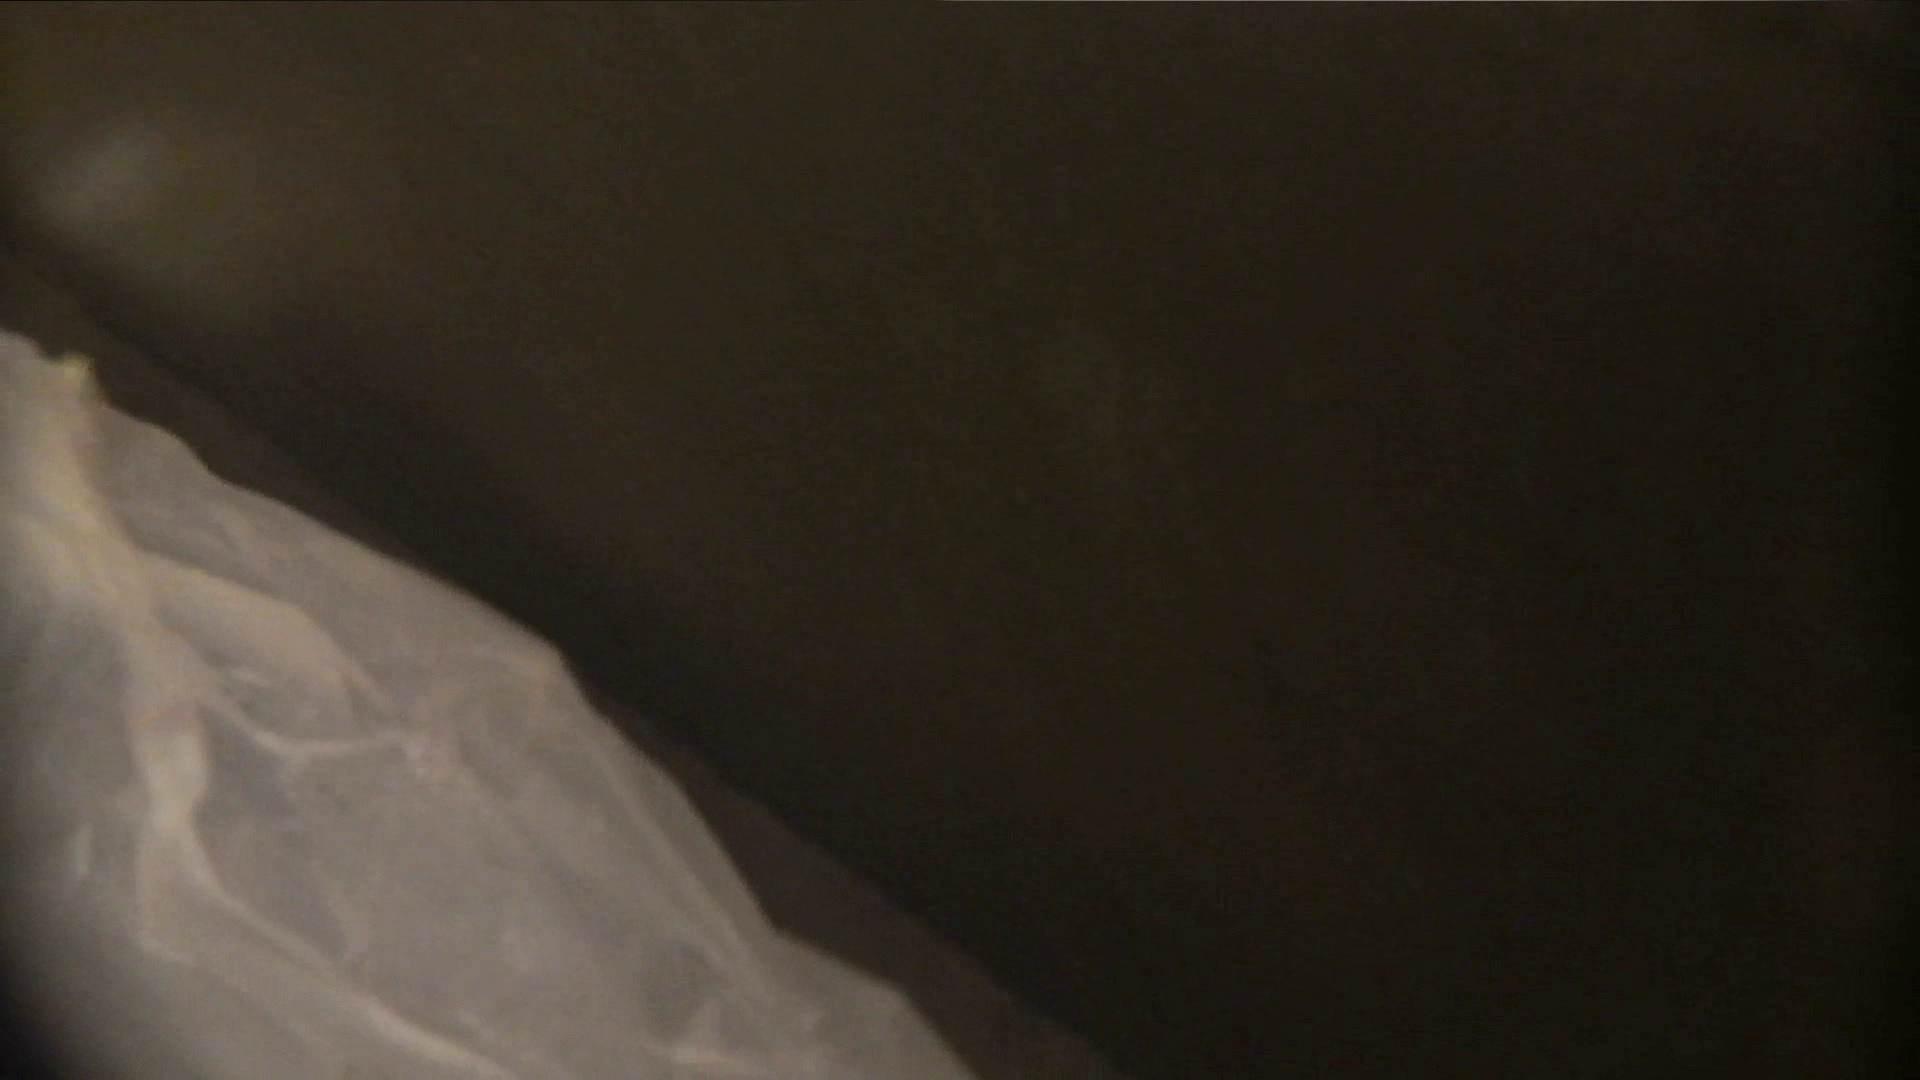 阿国ちゃんの「和式洋式七変化」No.5 和式で踏ん張り中   洗面所  39連発 5